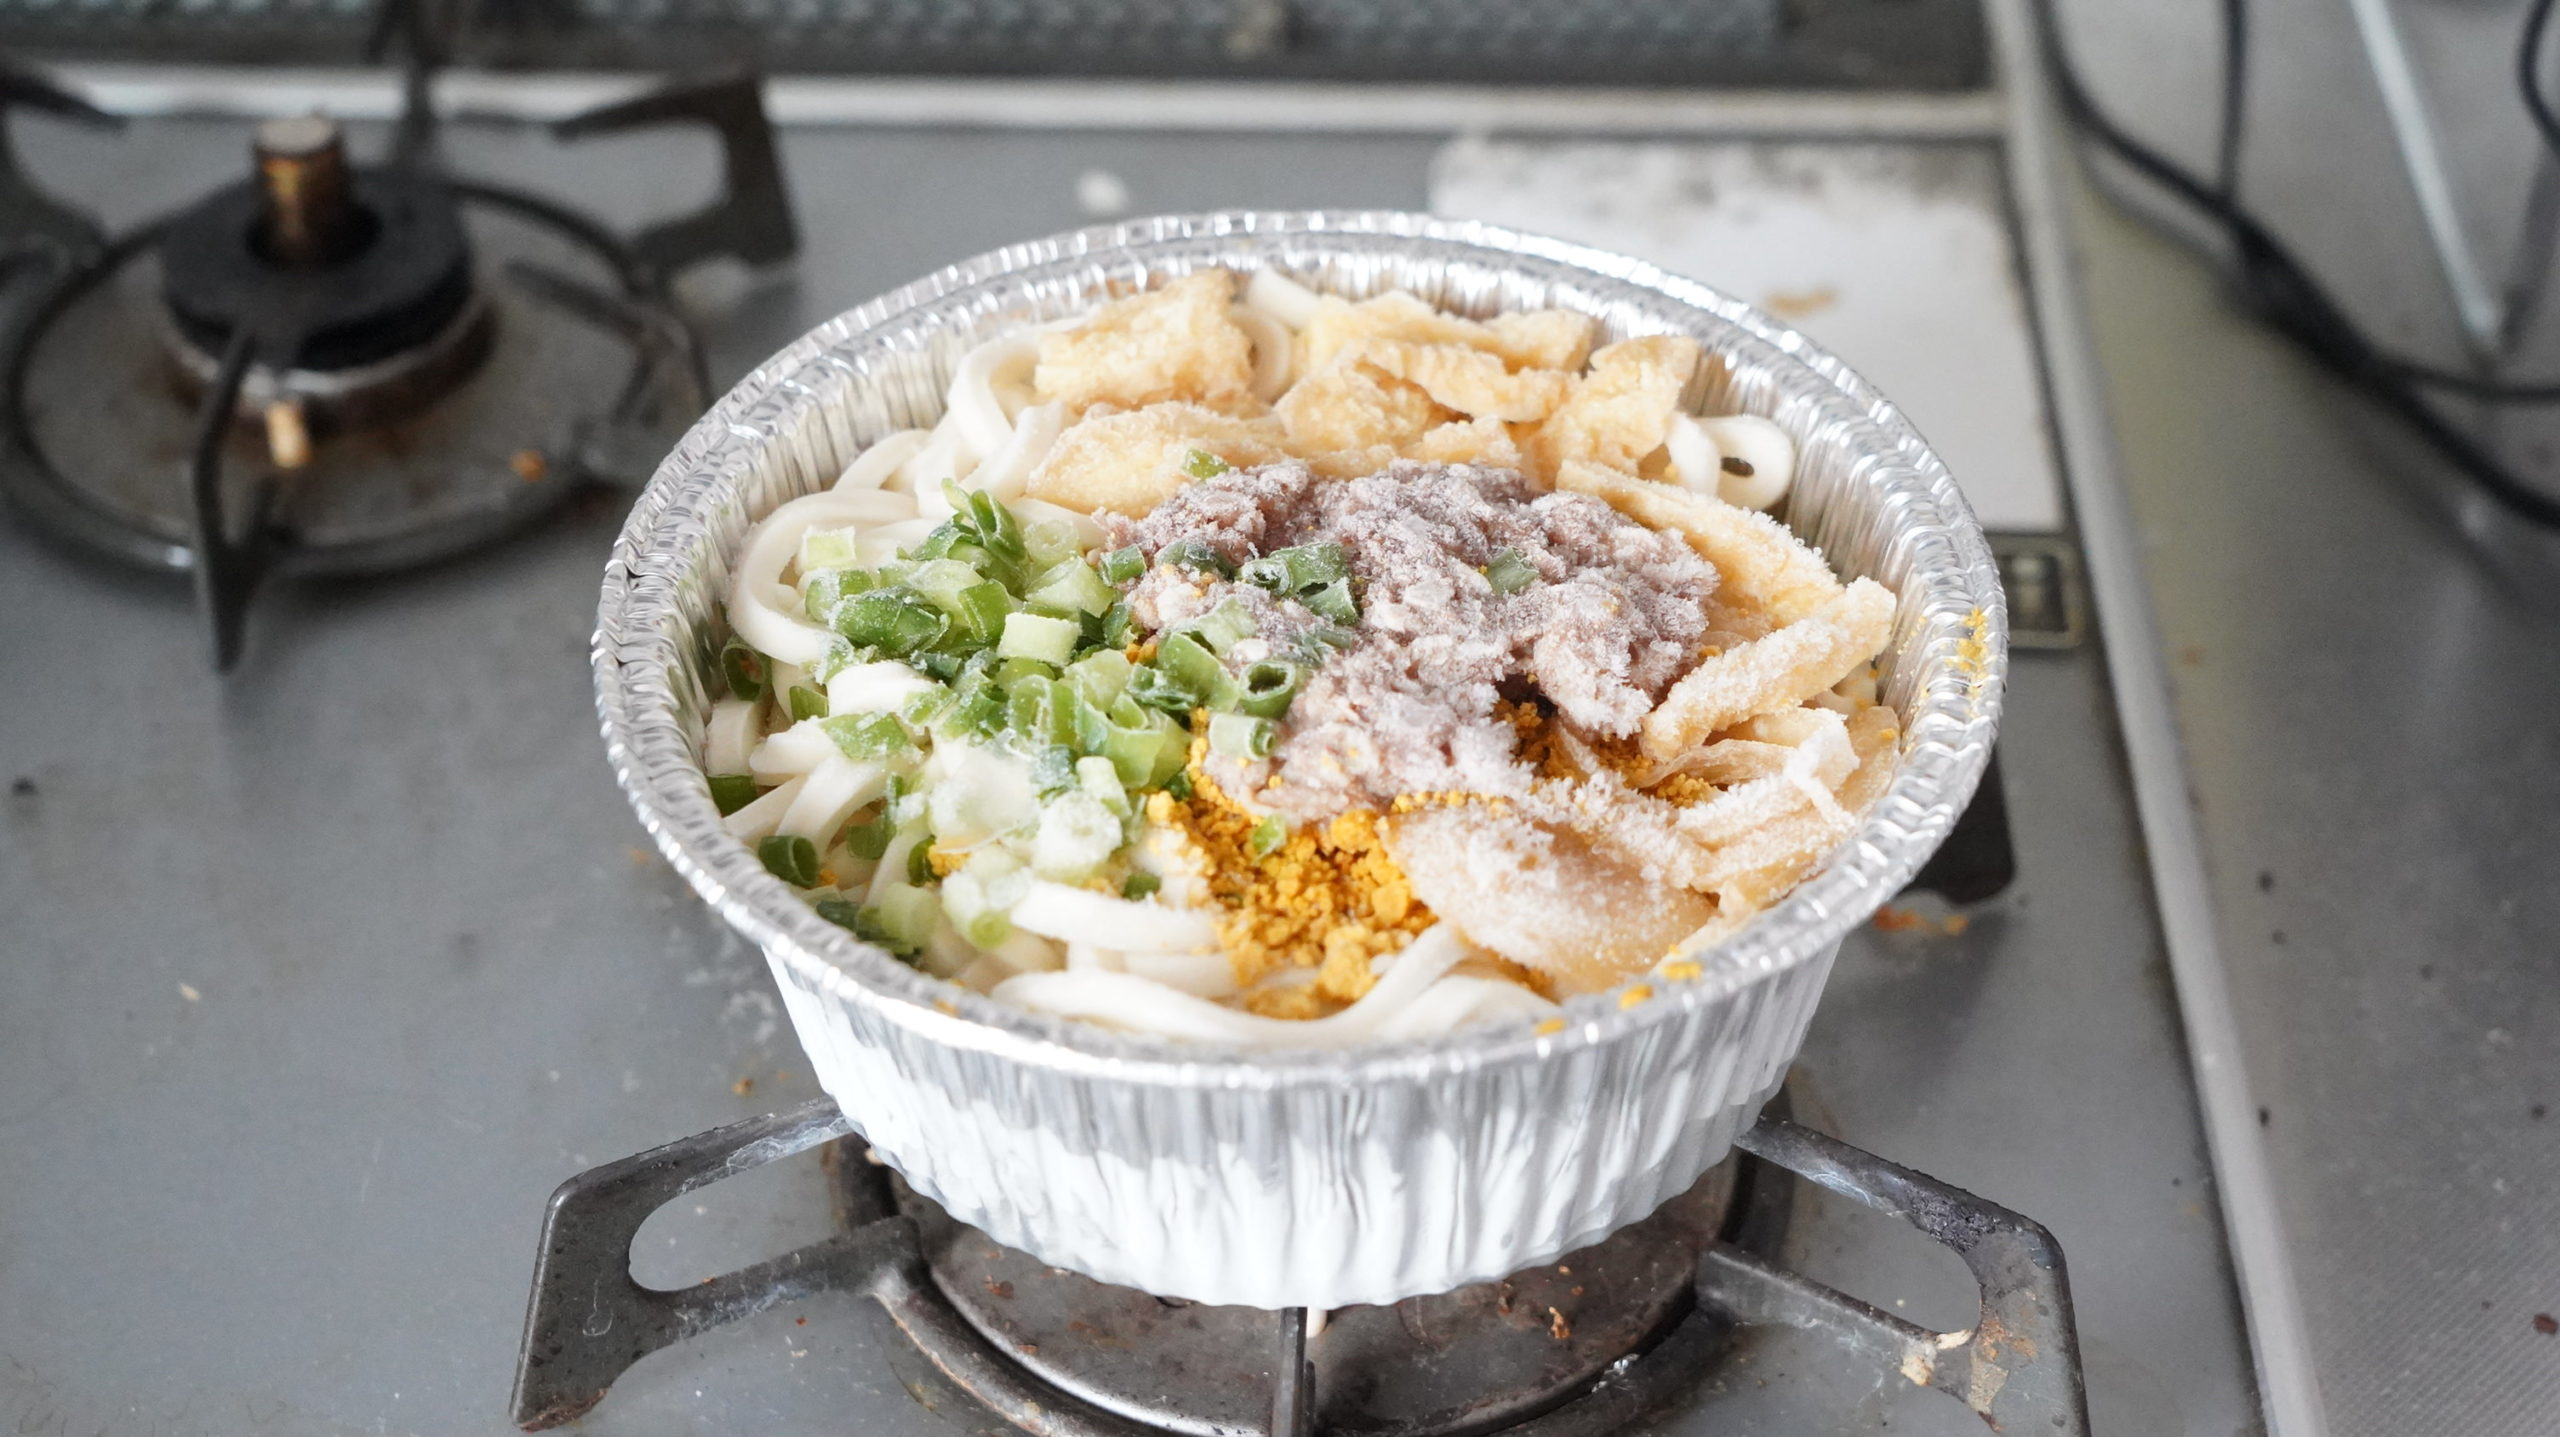 ファミリーマートの冷凍食品「和風だしのきいた牛肉カレーうどん」をガスコンロで加熱している写真